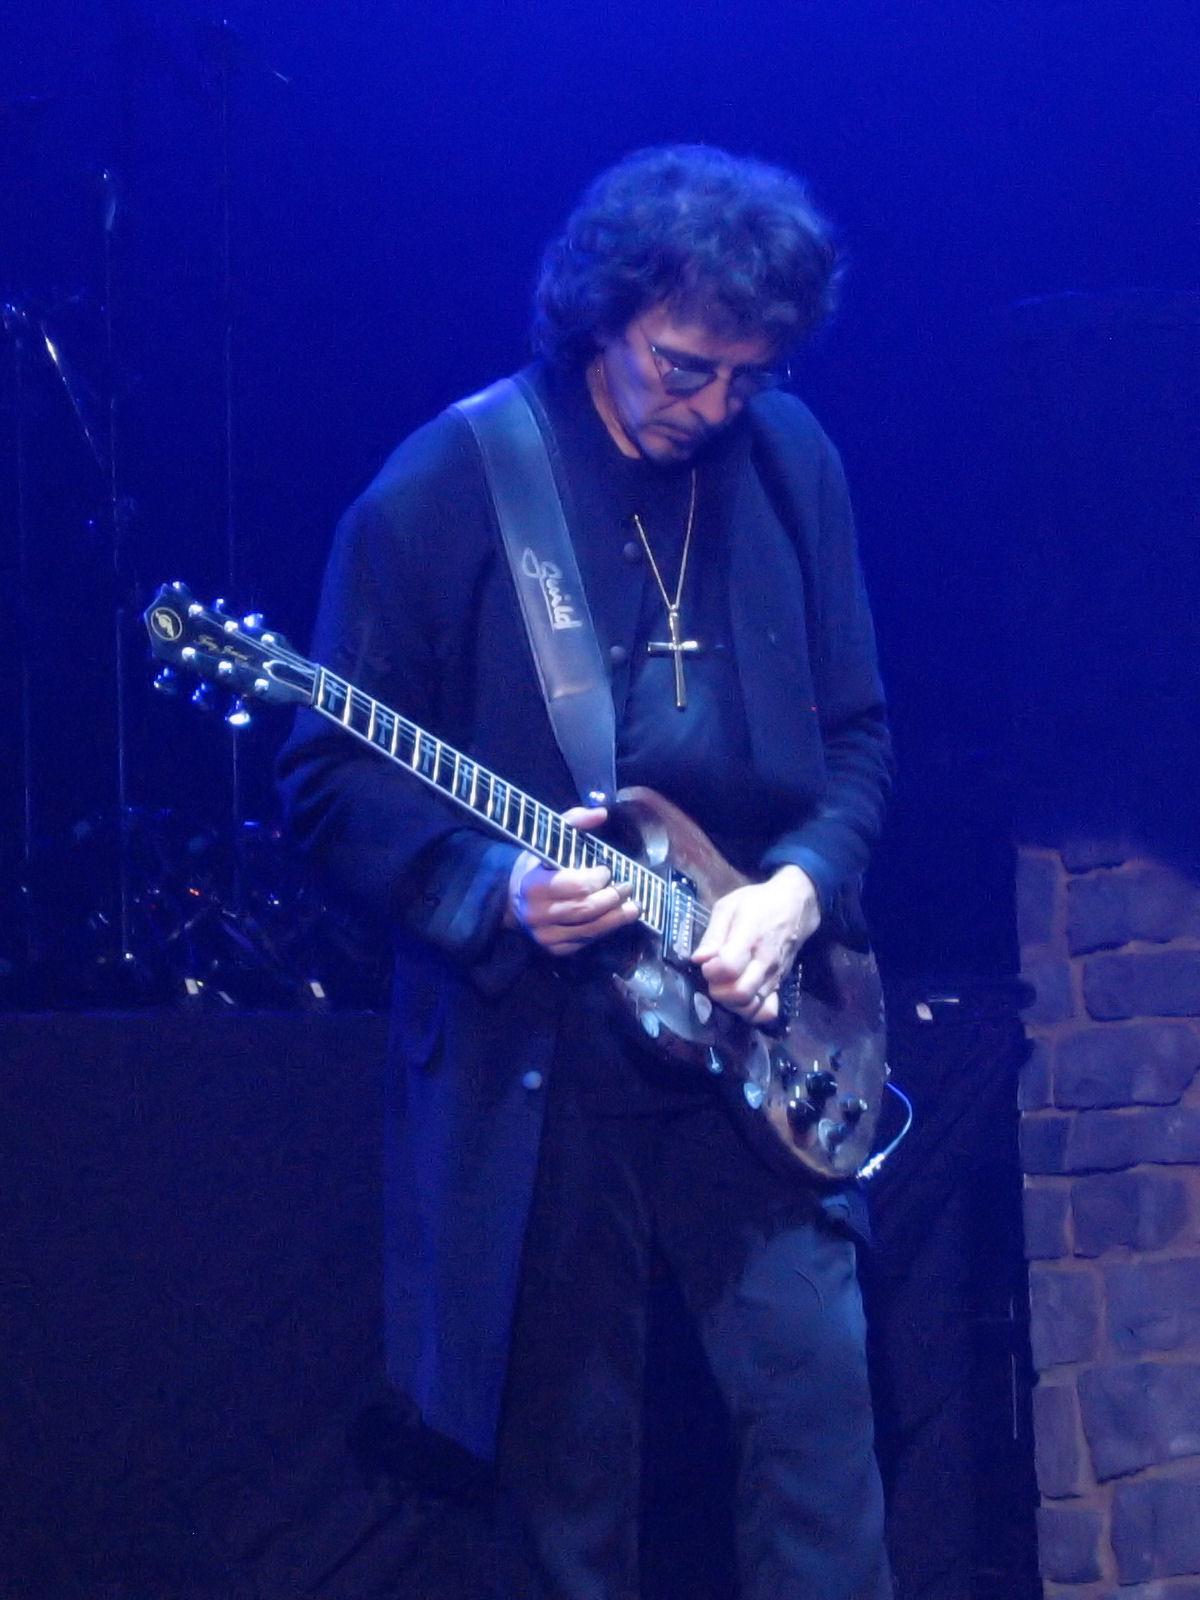 Тони Айомми (Tony Iommi)